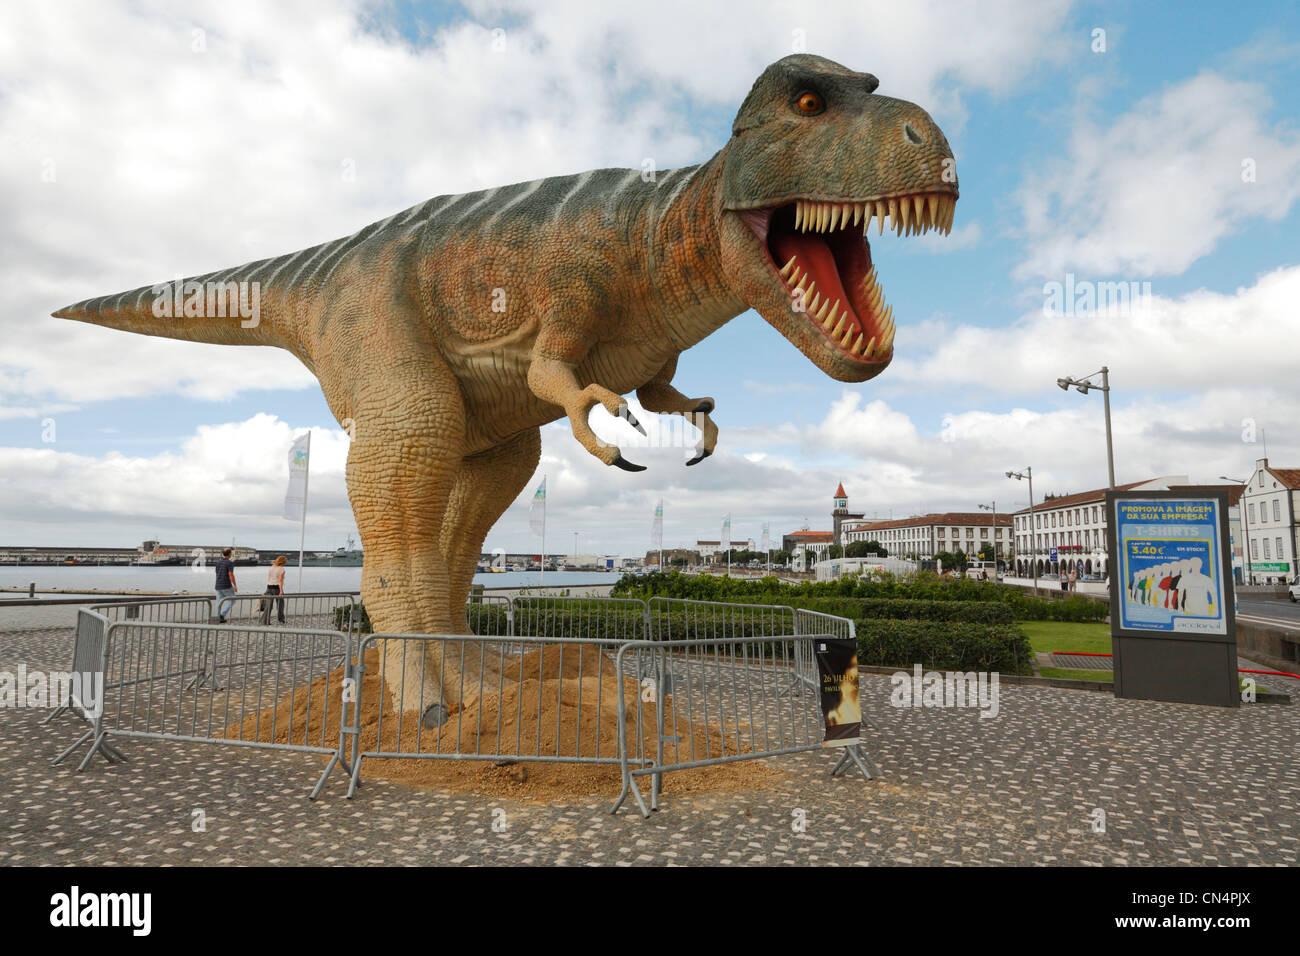 Menaçant Tyrannosaurus Rex dinosaure dans la ville portugaise de Ponta Delgada. Açores Banque D'Images